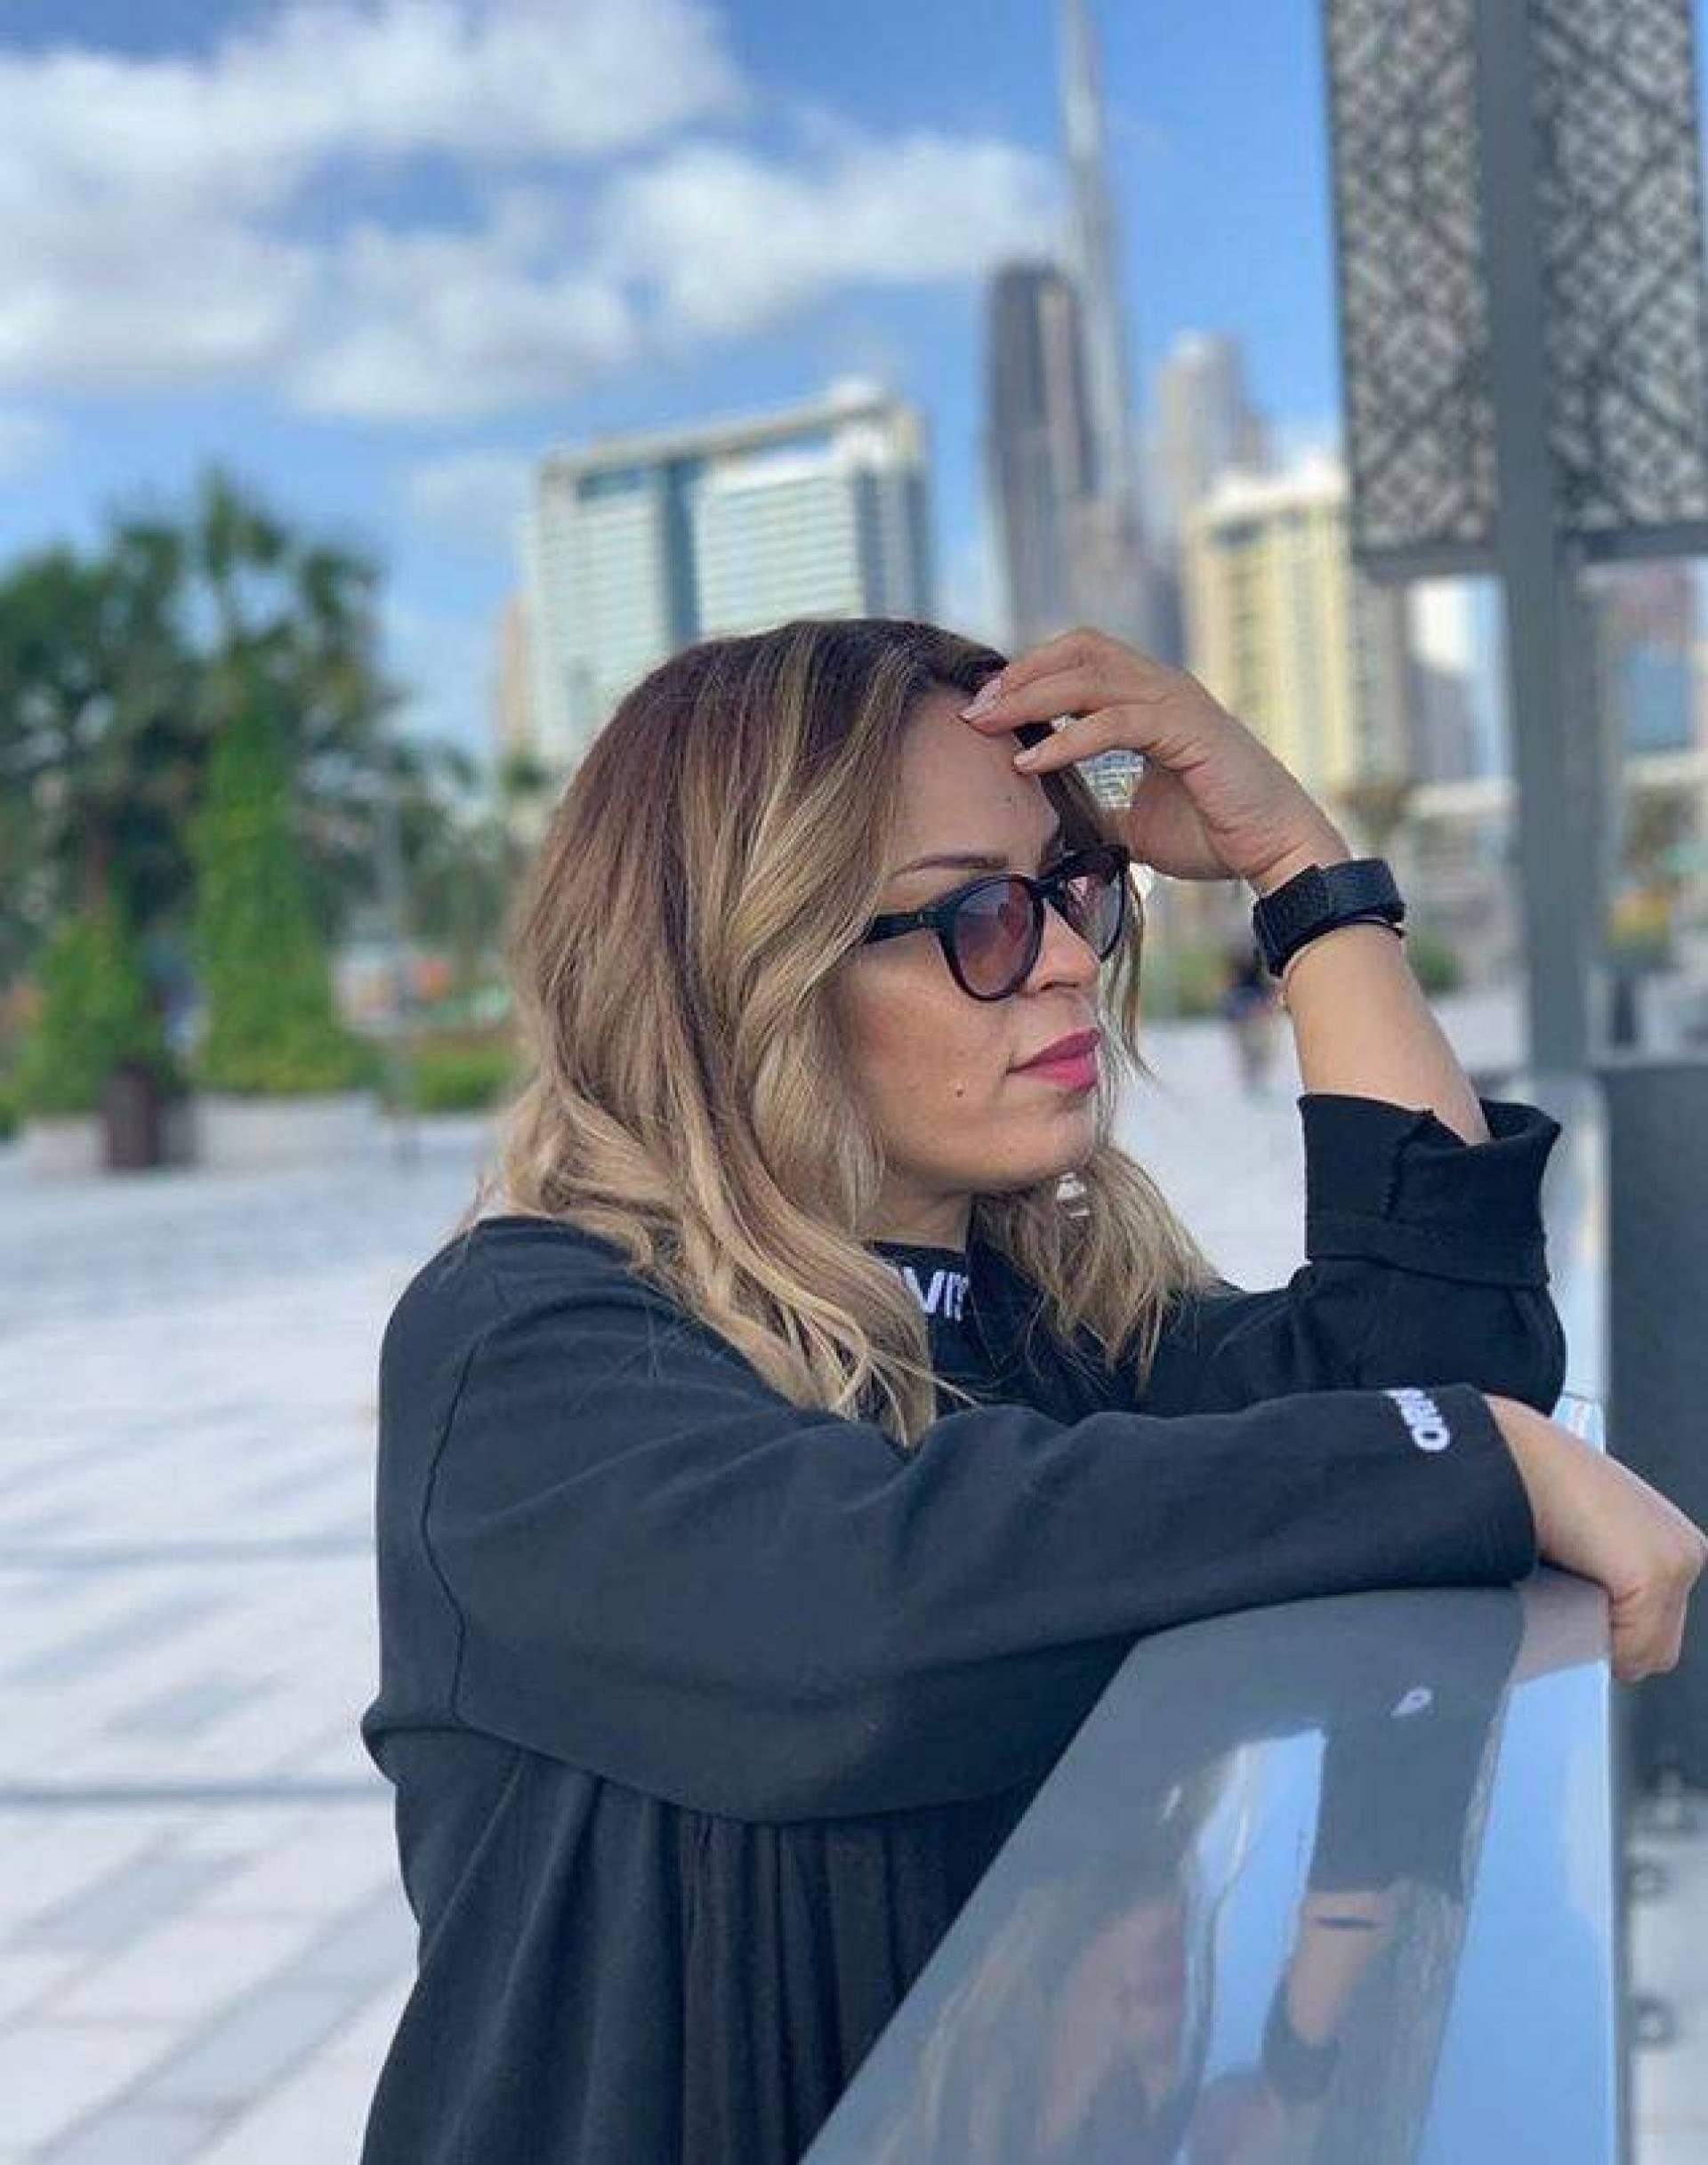 بالفيديو – شاهدوا كيف أصبحت والدة حلا الترك شبيهة نادين نسيب نجيم... ماذا غيّرت؟